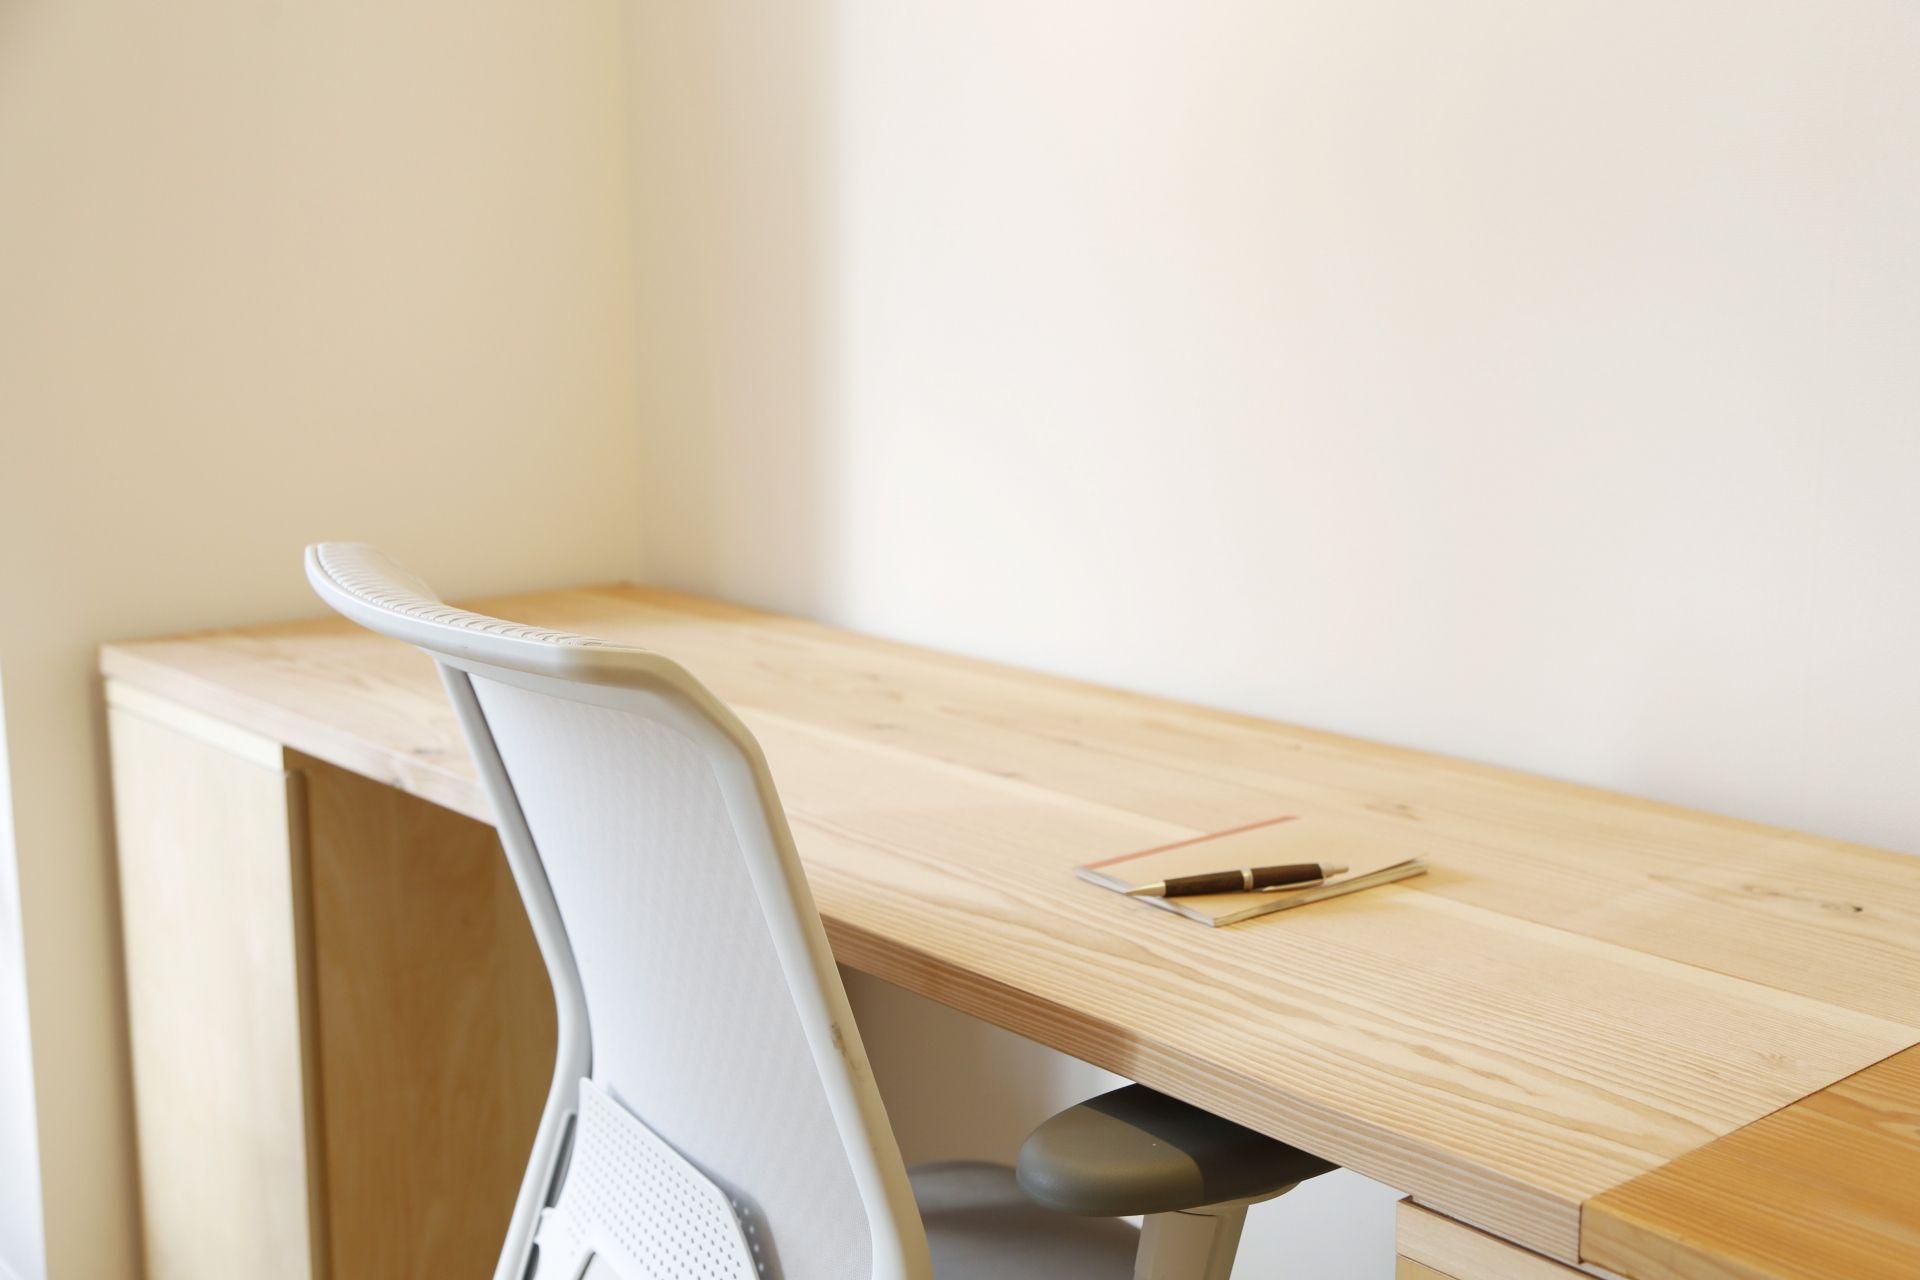 リノベーション前にも考えたい、集中できる部屋づくりの考え方